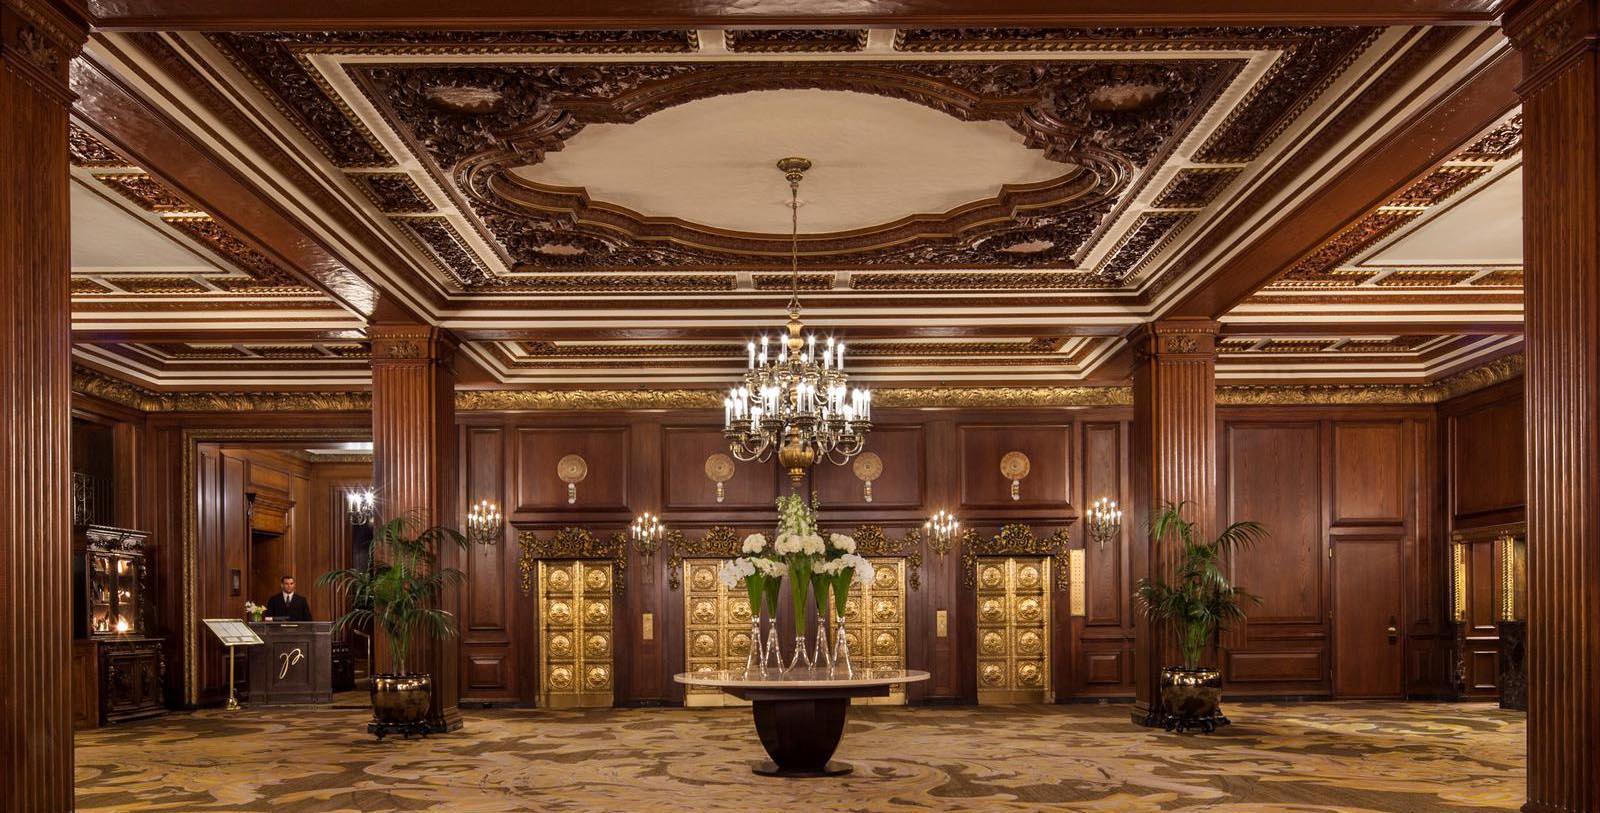 Image of Lobby Detail, Omni Parker House, Boston, Massachusetts, 1855, Member of Historic Hotels of America, Explore